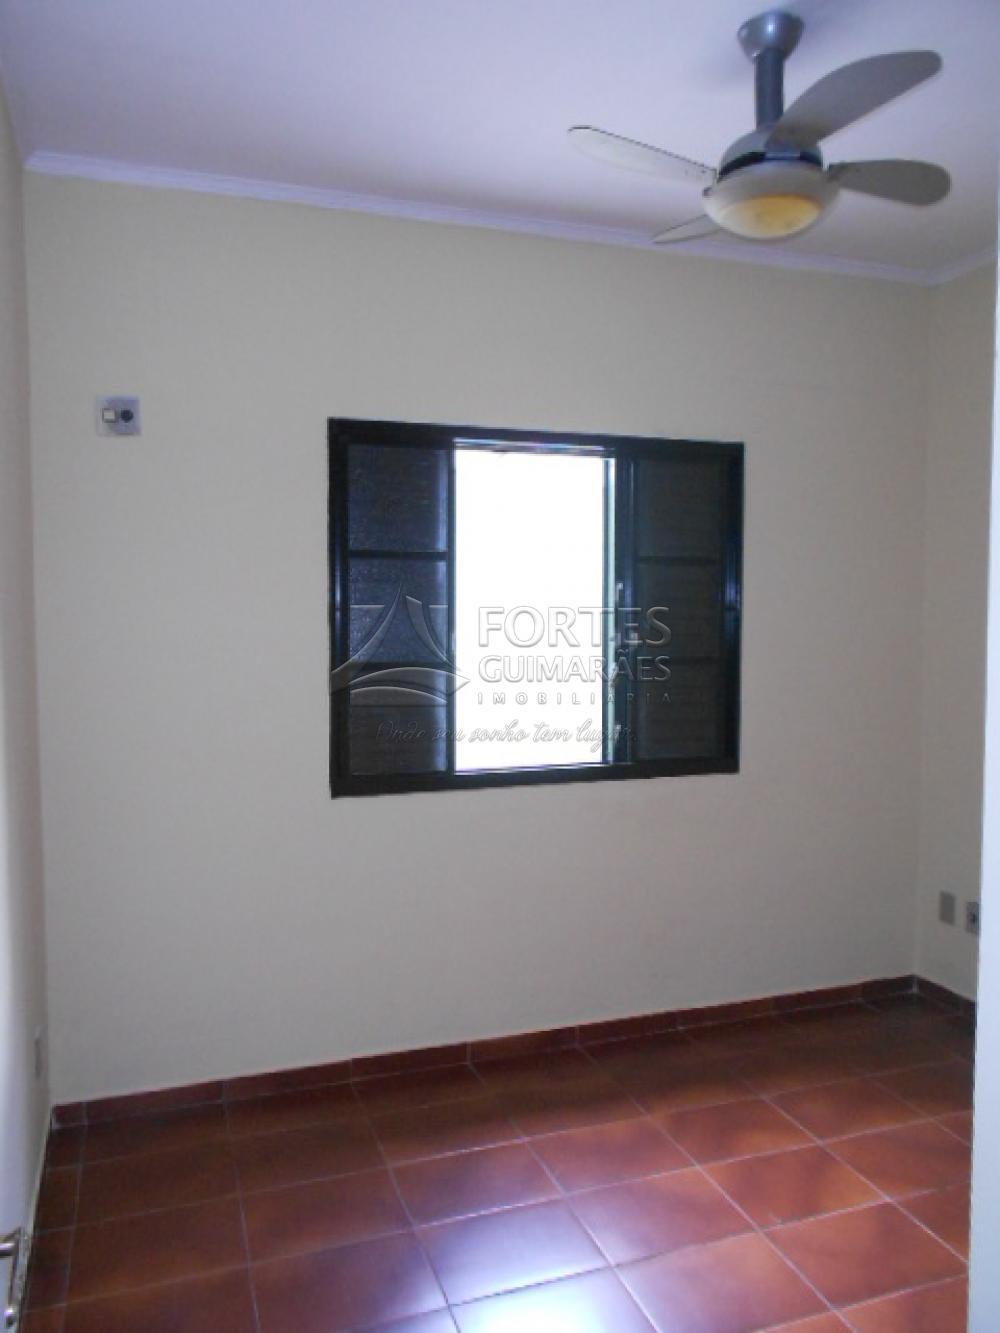 Alugar Comercial / Imóvel Comercial em Ribeirão Preto apenas R$ 5.000,00 - Foto 29